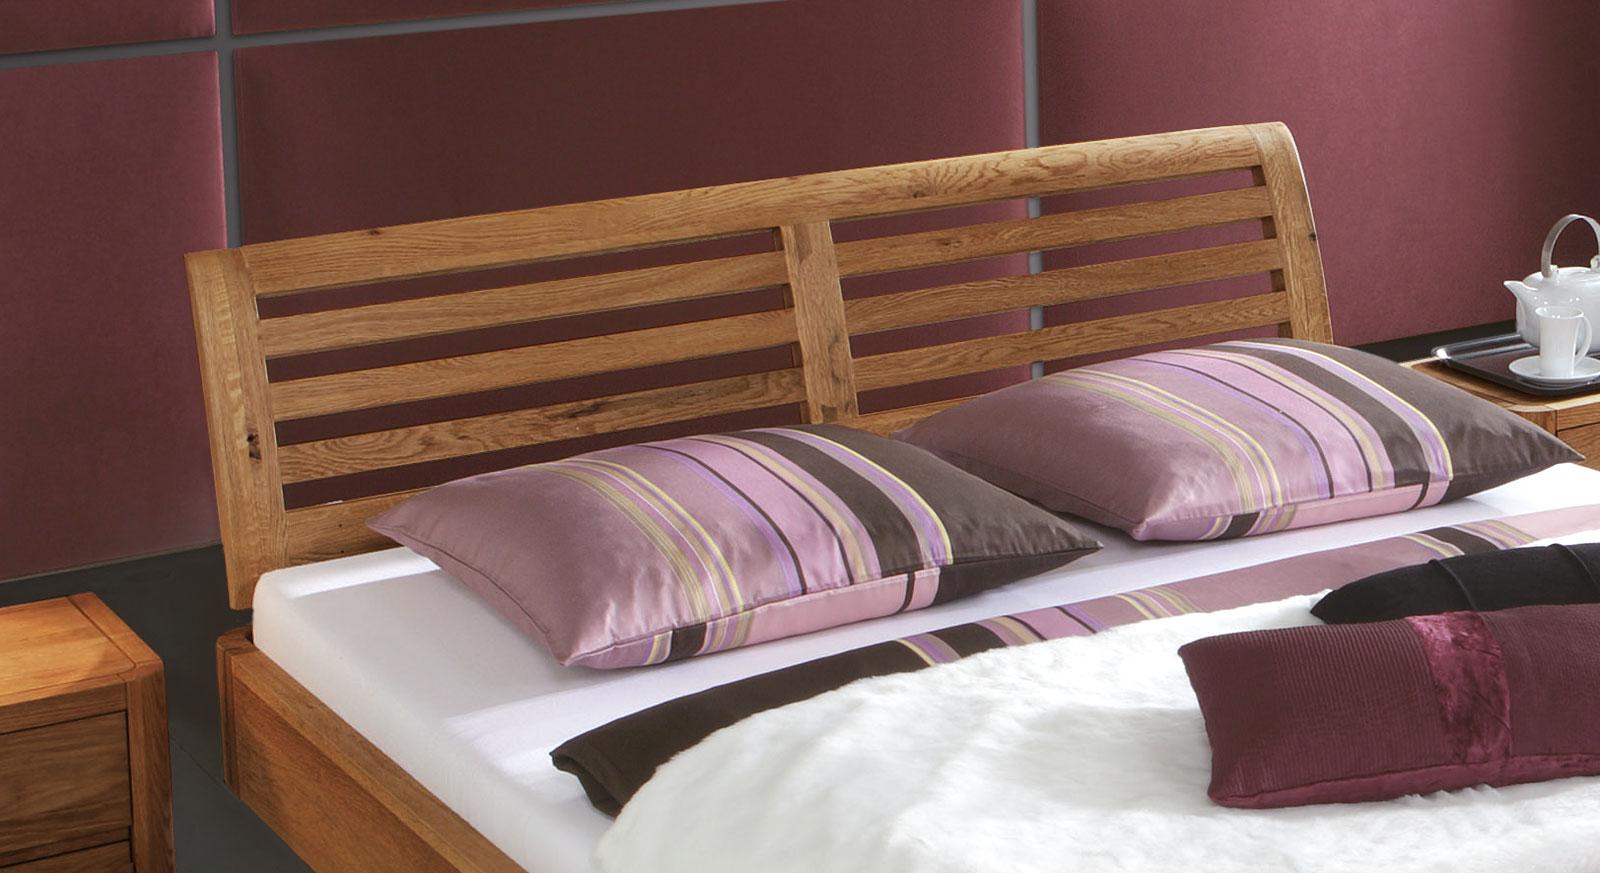 Hochwertiges Bett Salerno aus massivholz mit sprossen-kopfteil.